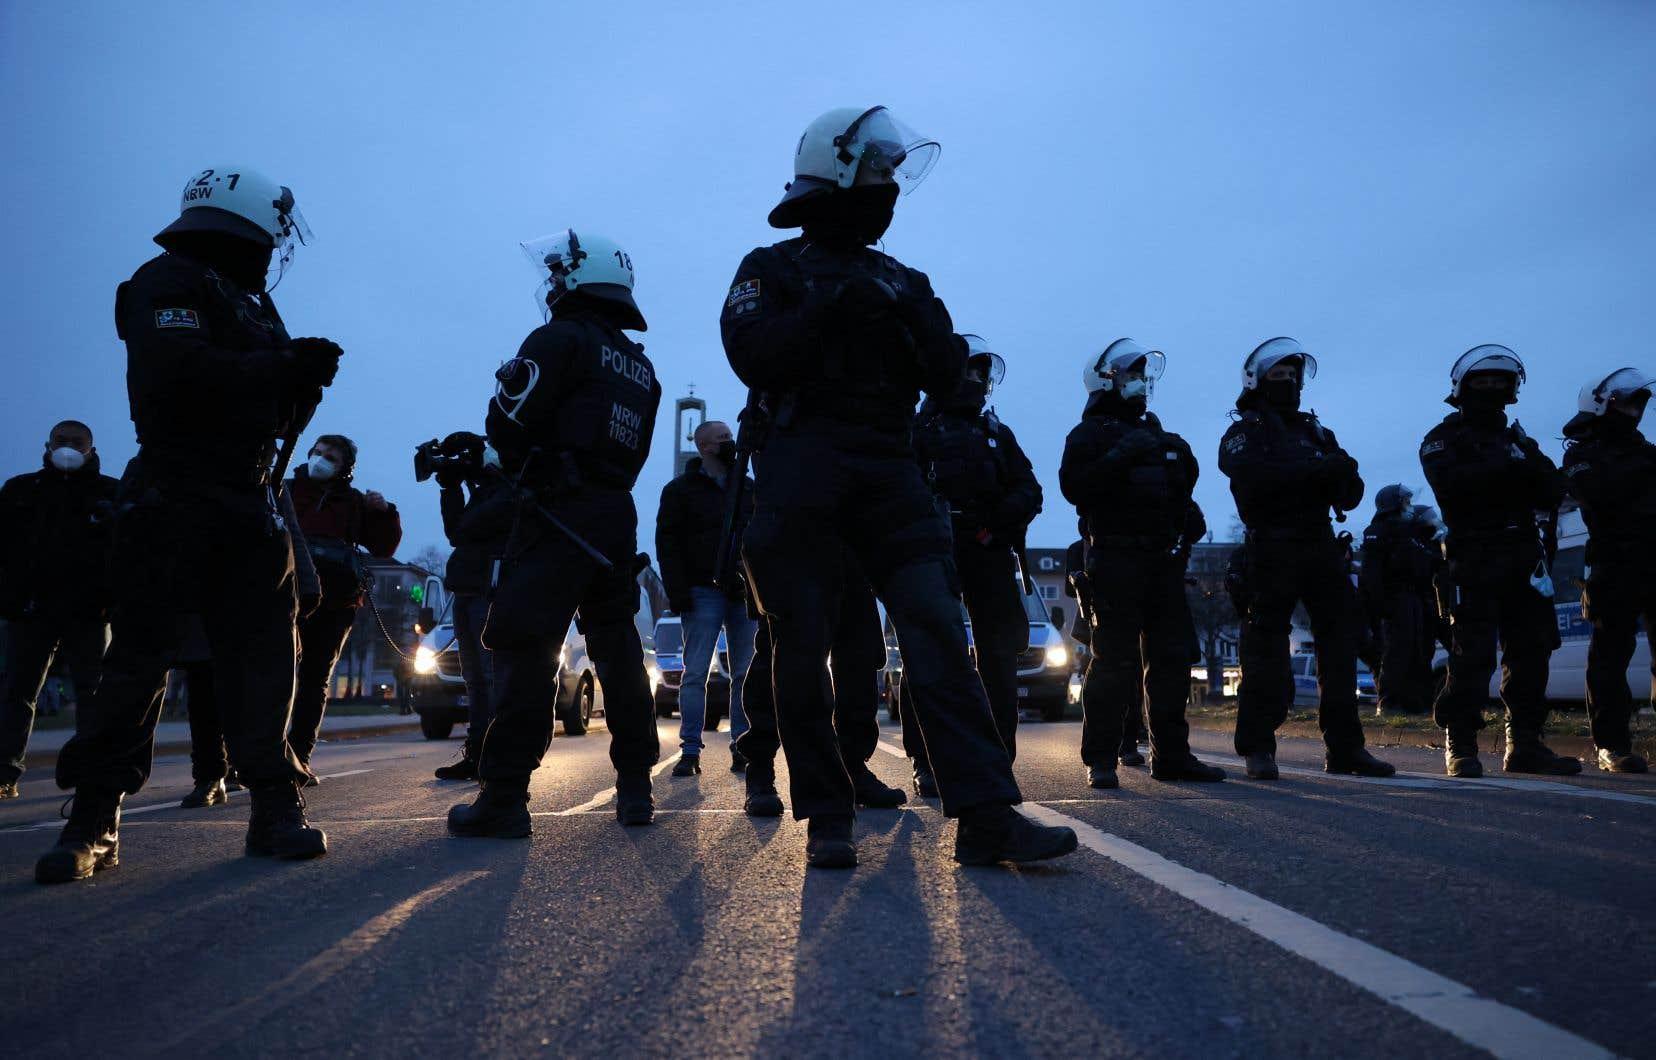 Les manifestations d'opposants aux restrictions sont de plus en plus violentes, à l'image d'un rassemblement organisé samedi à Cassel.